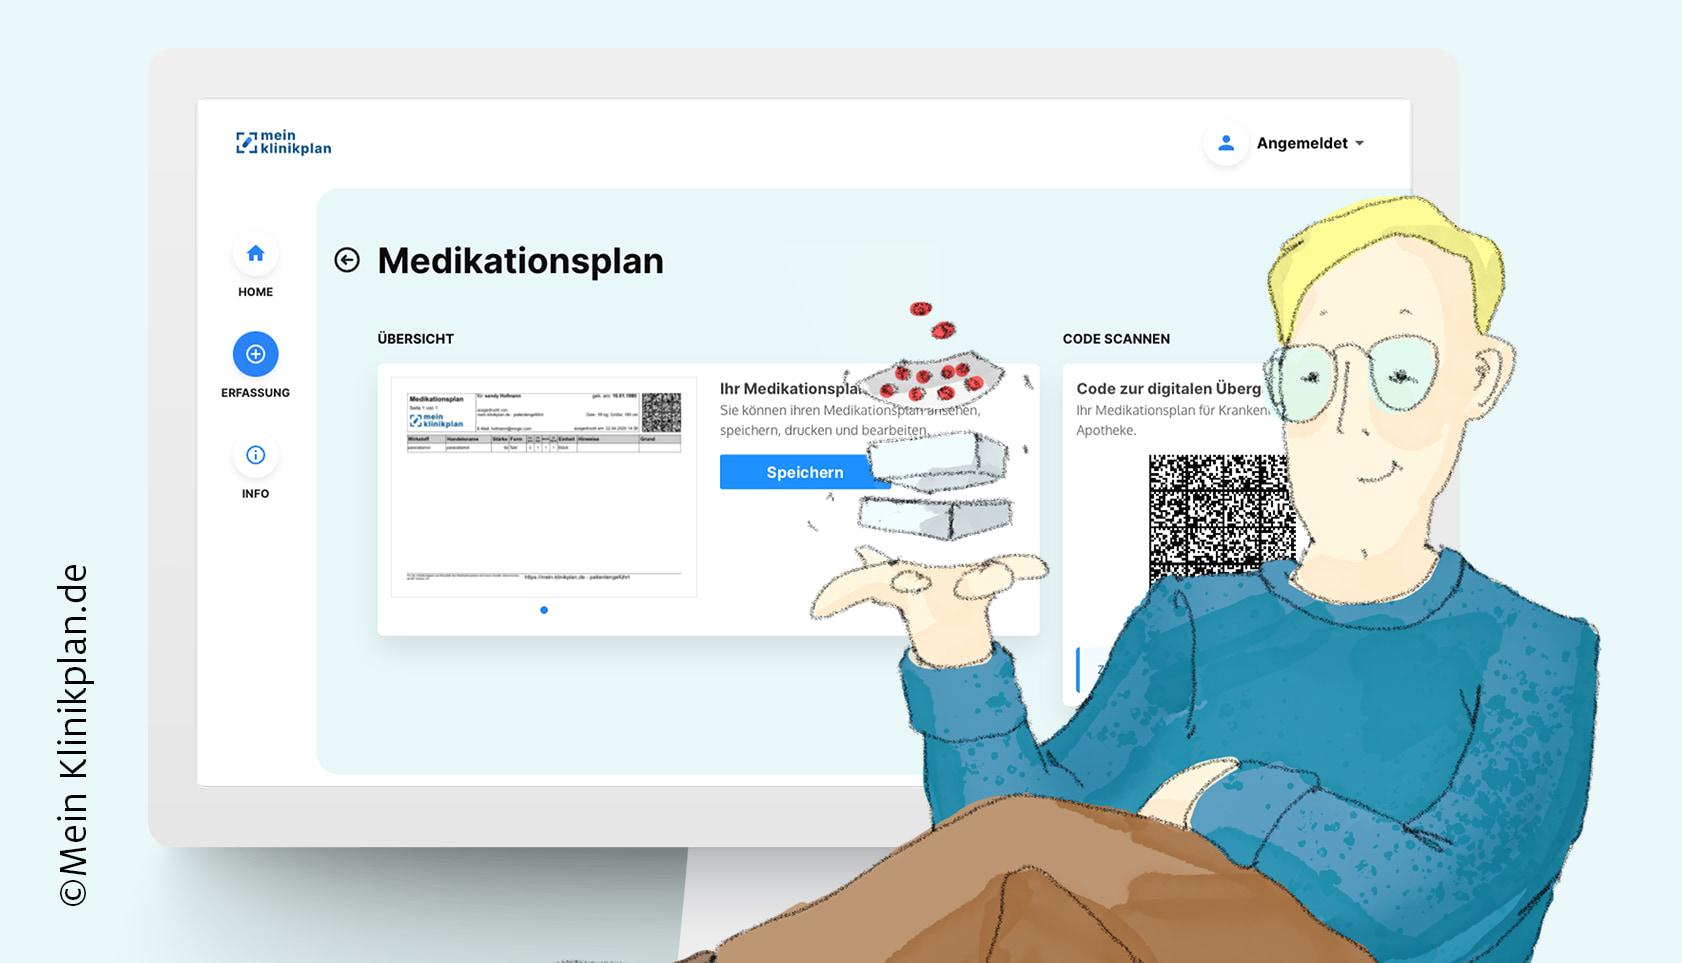 Ausschnitt aus mein.klinikplan.de mit Illustration eines zufriedenen, blonden Mannes mit Brille